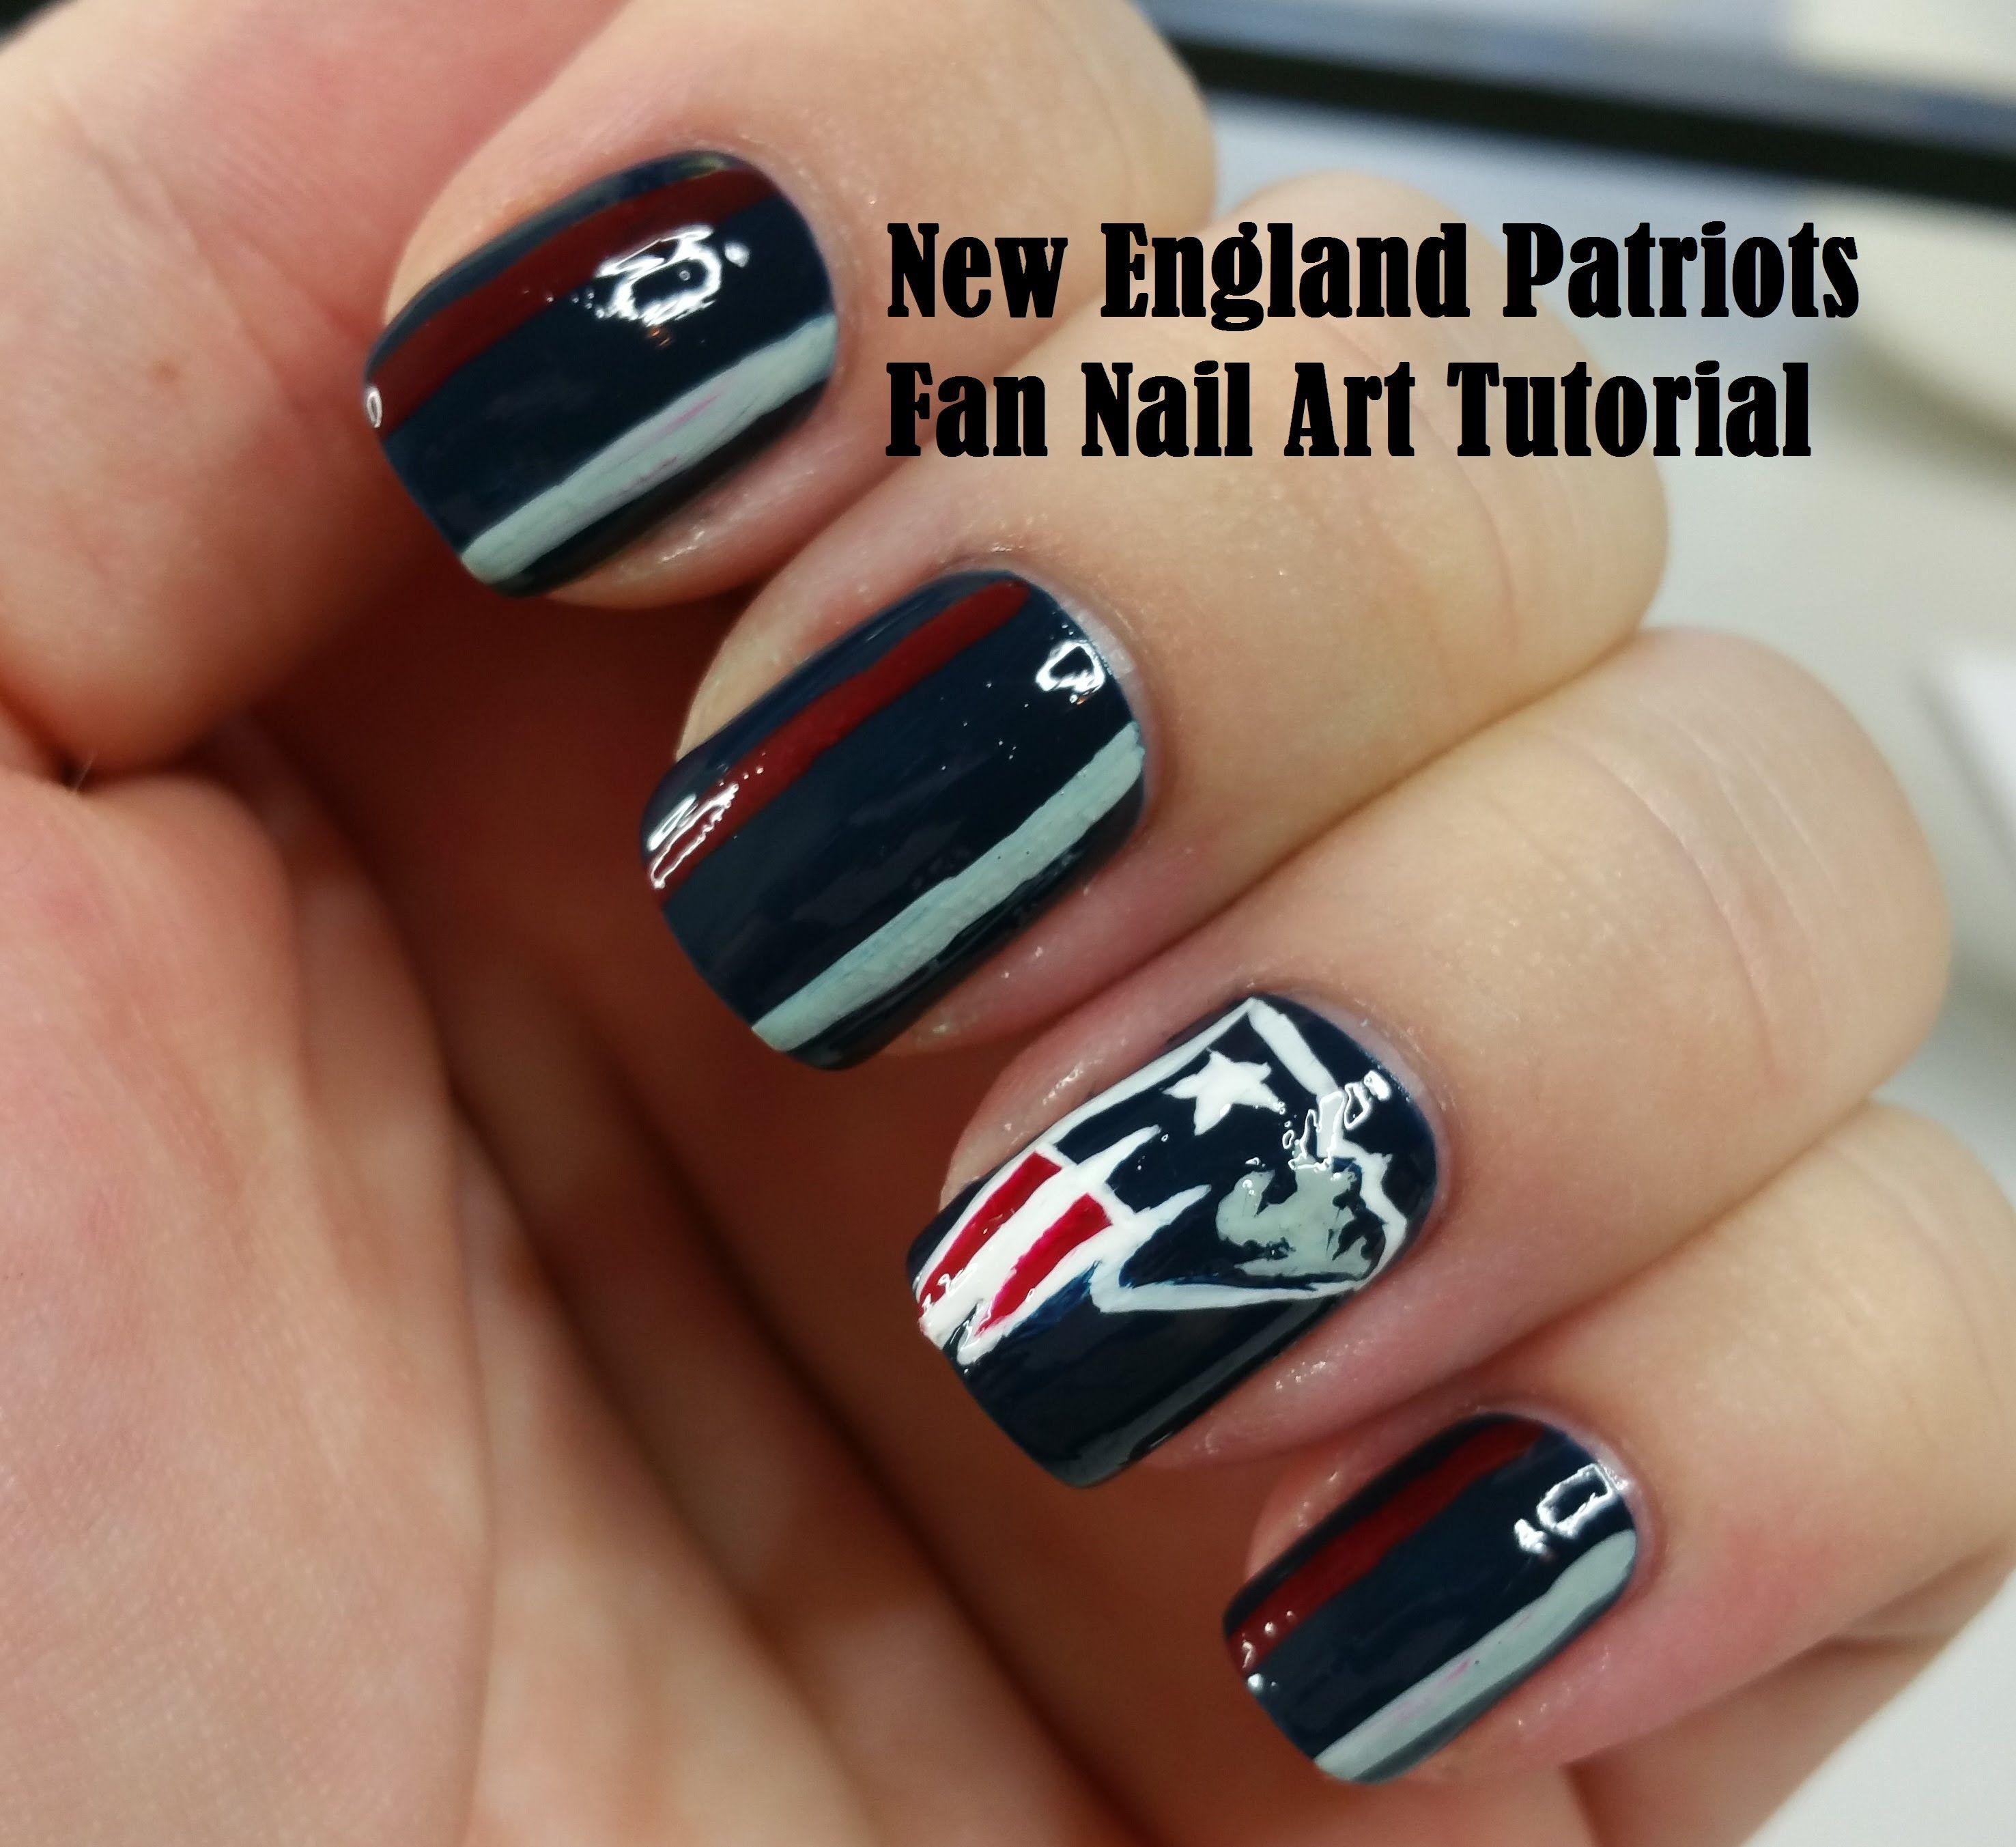 New England Patriots Fan Nail Art Tutorial | Neato nails | Pinterest ...